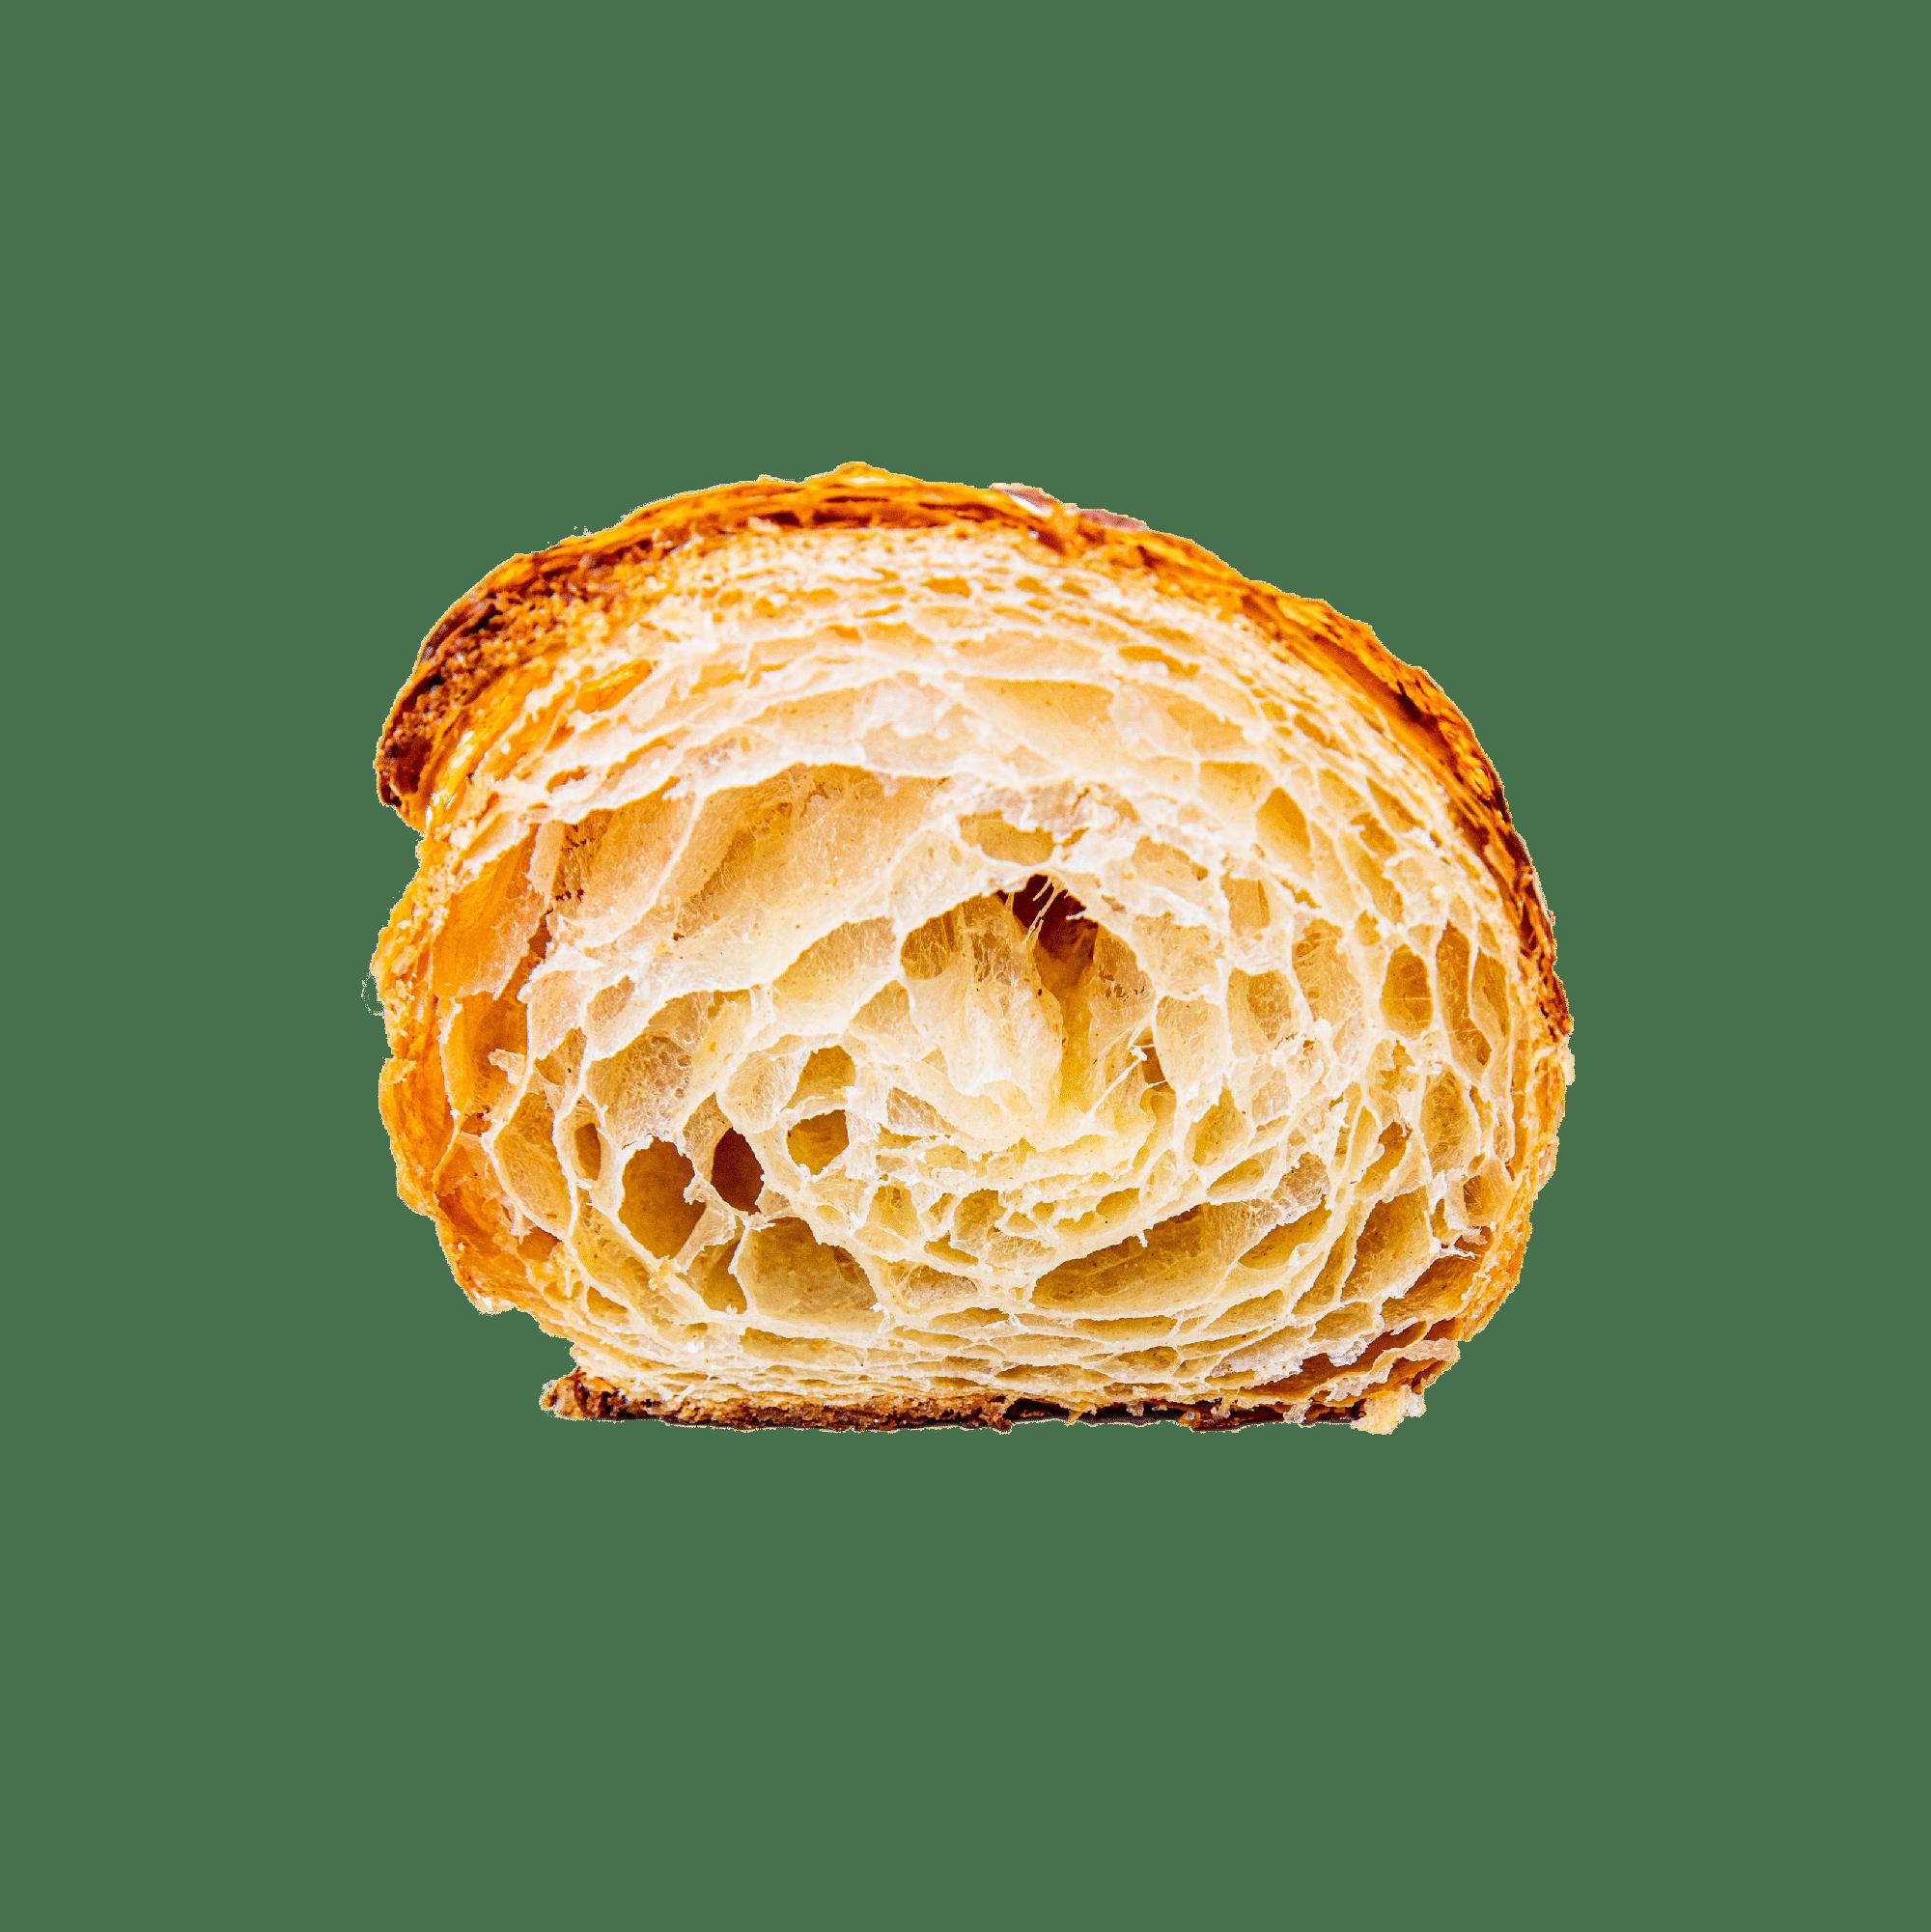 Bakfickan - Bakeri, Slowfood, Fika